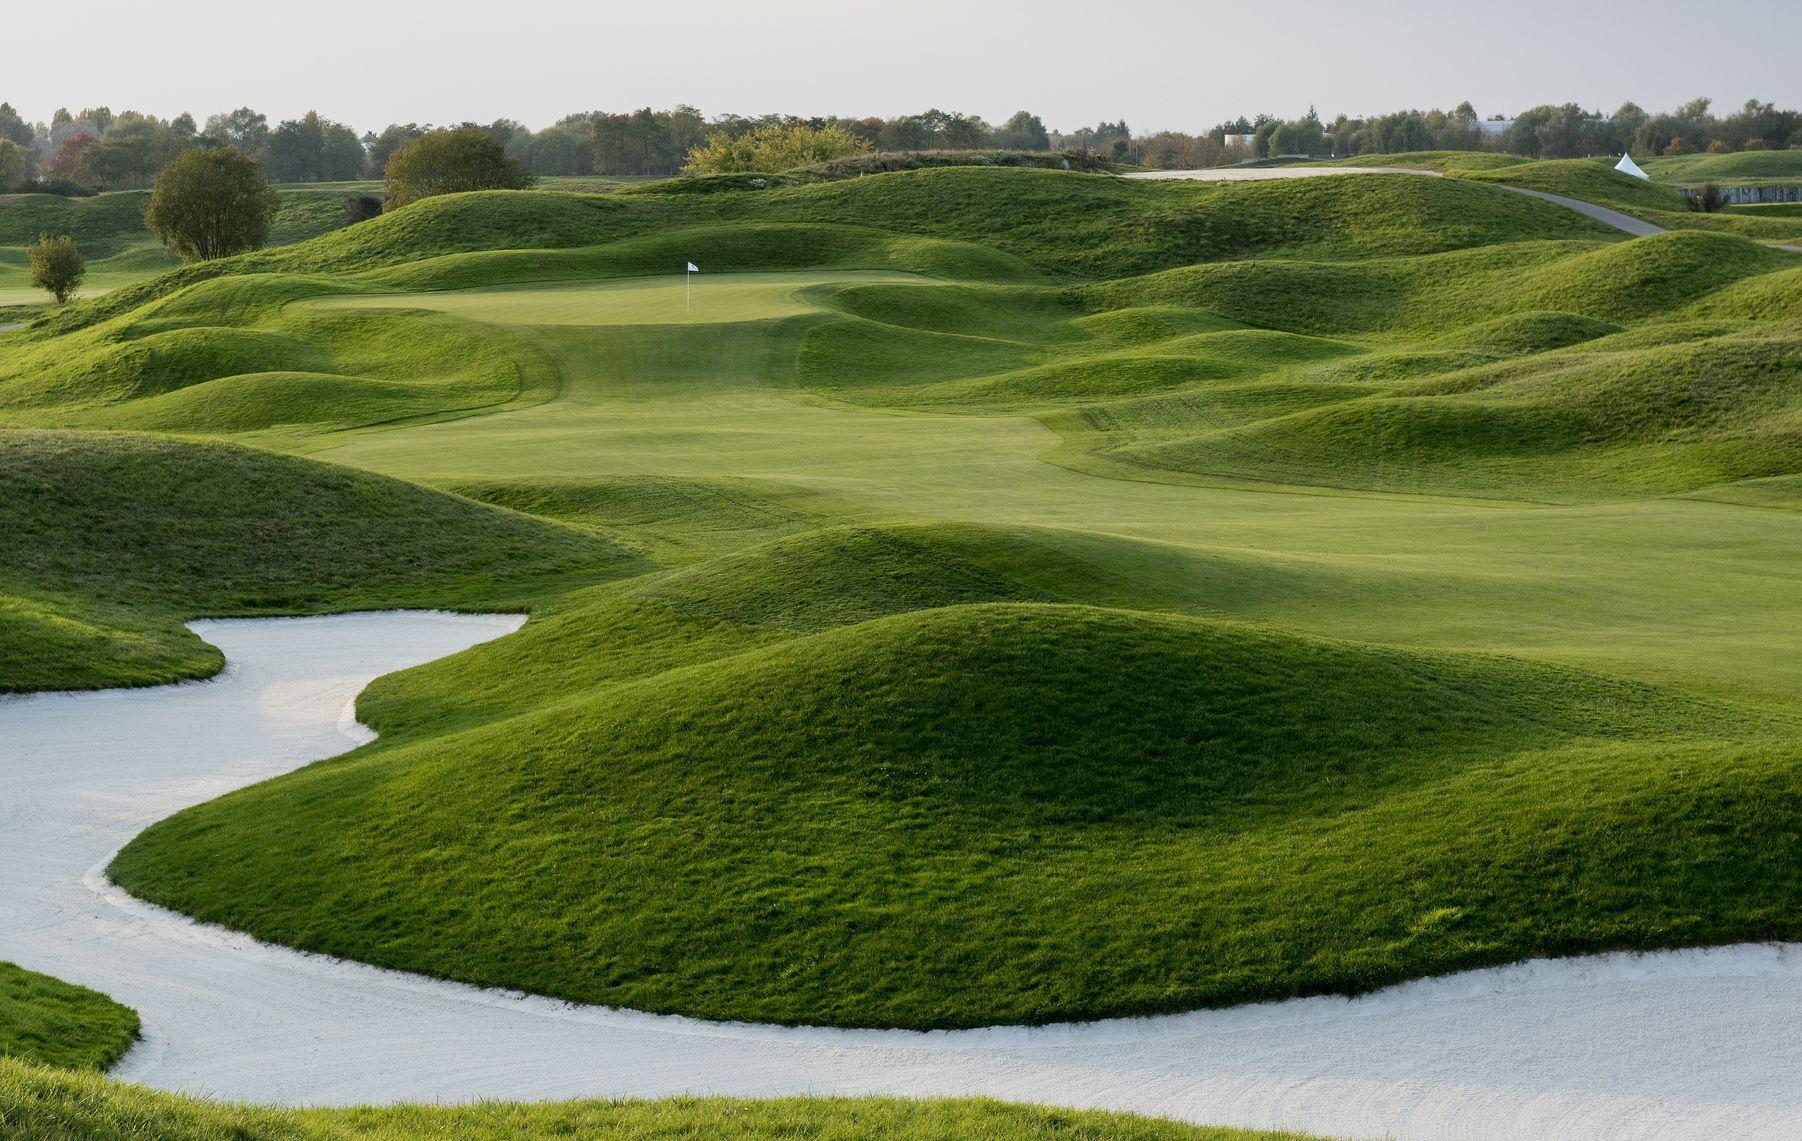 Golf - Vie des clubs - Coronavirus : le #GolfezChezVous français face au #KeepGolfOpen britannique